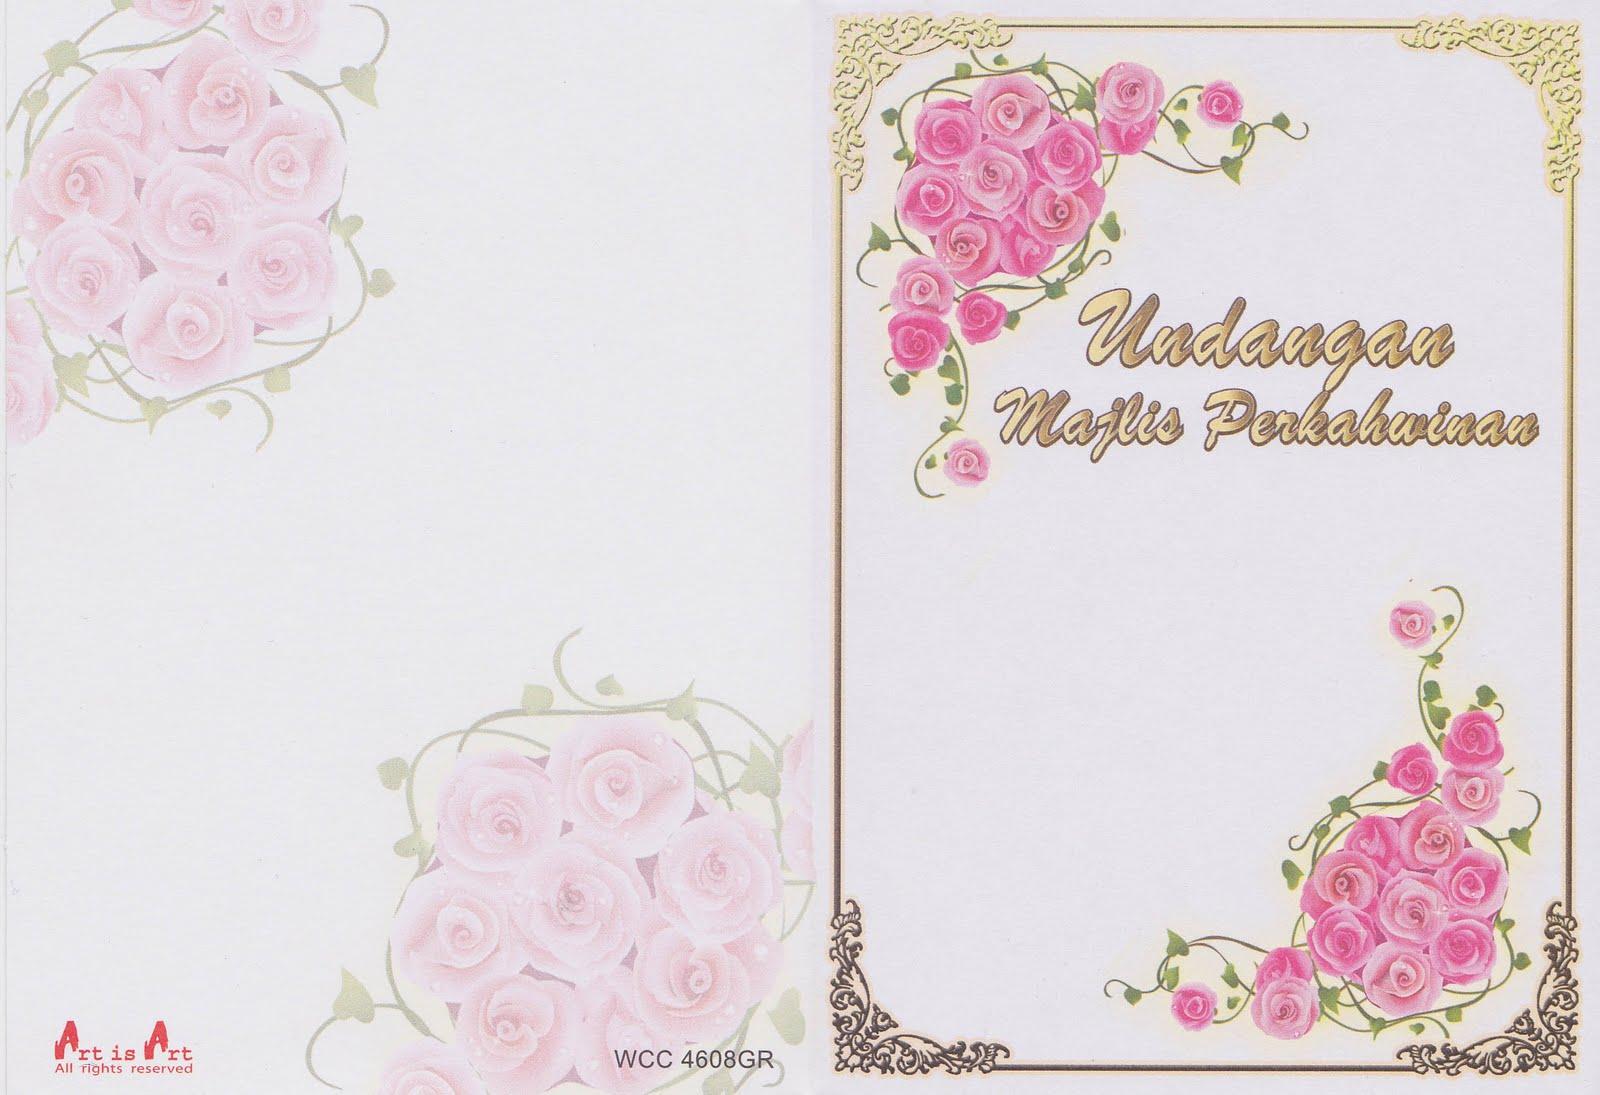 Qarl Hills Printing Artwork Jm0592687 A 2011